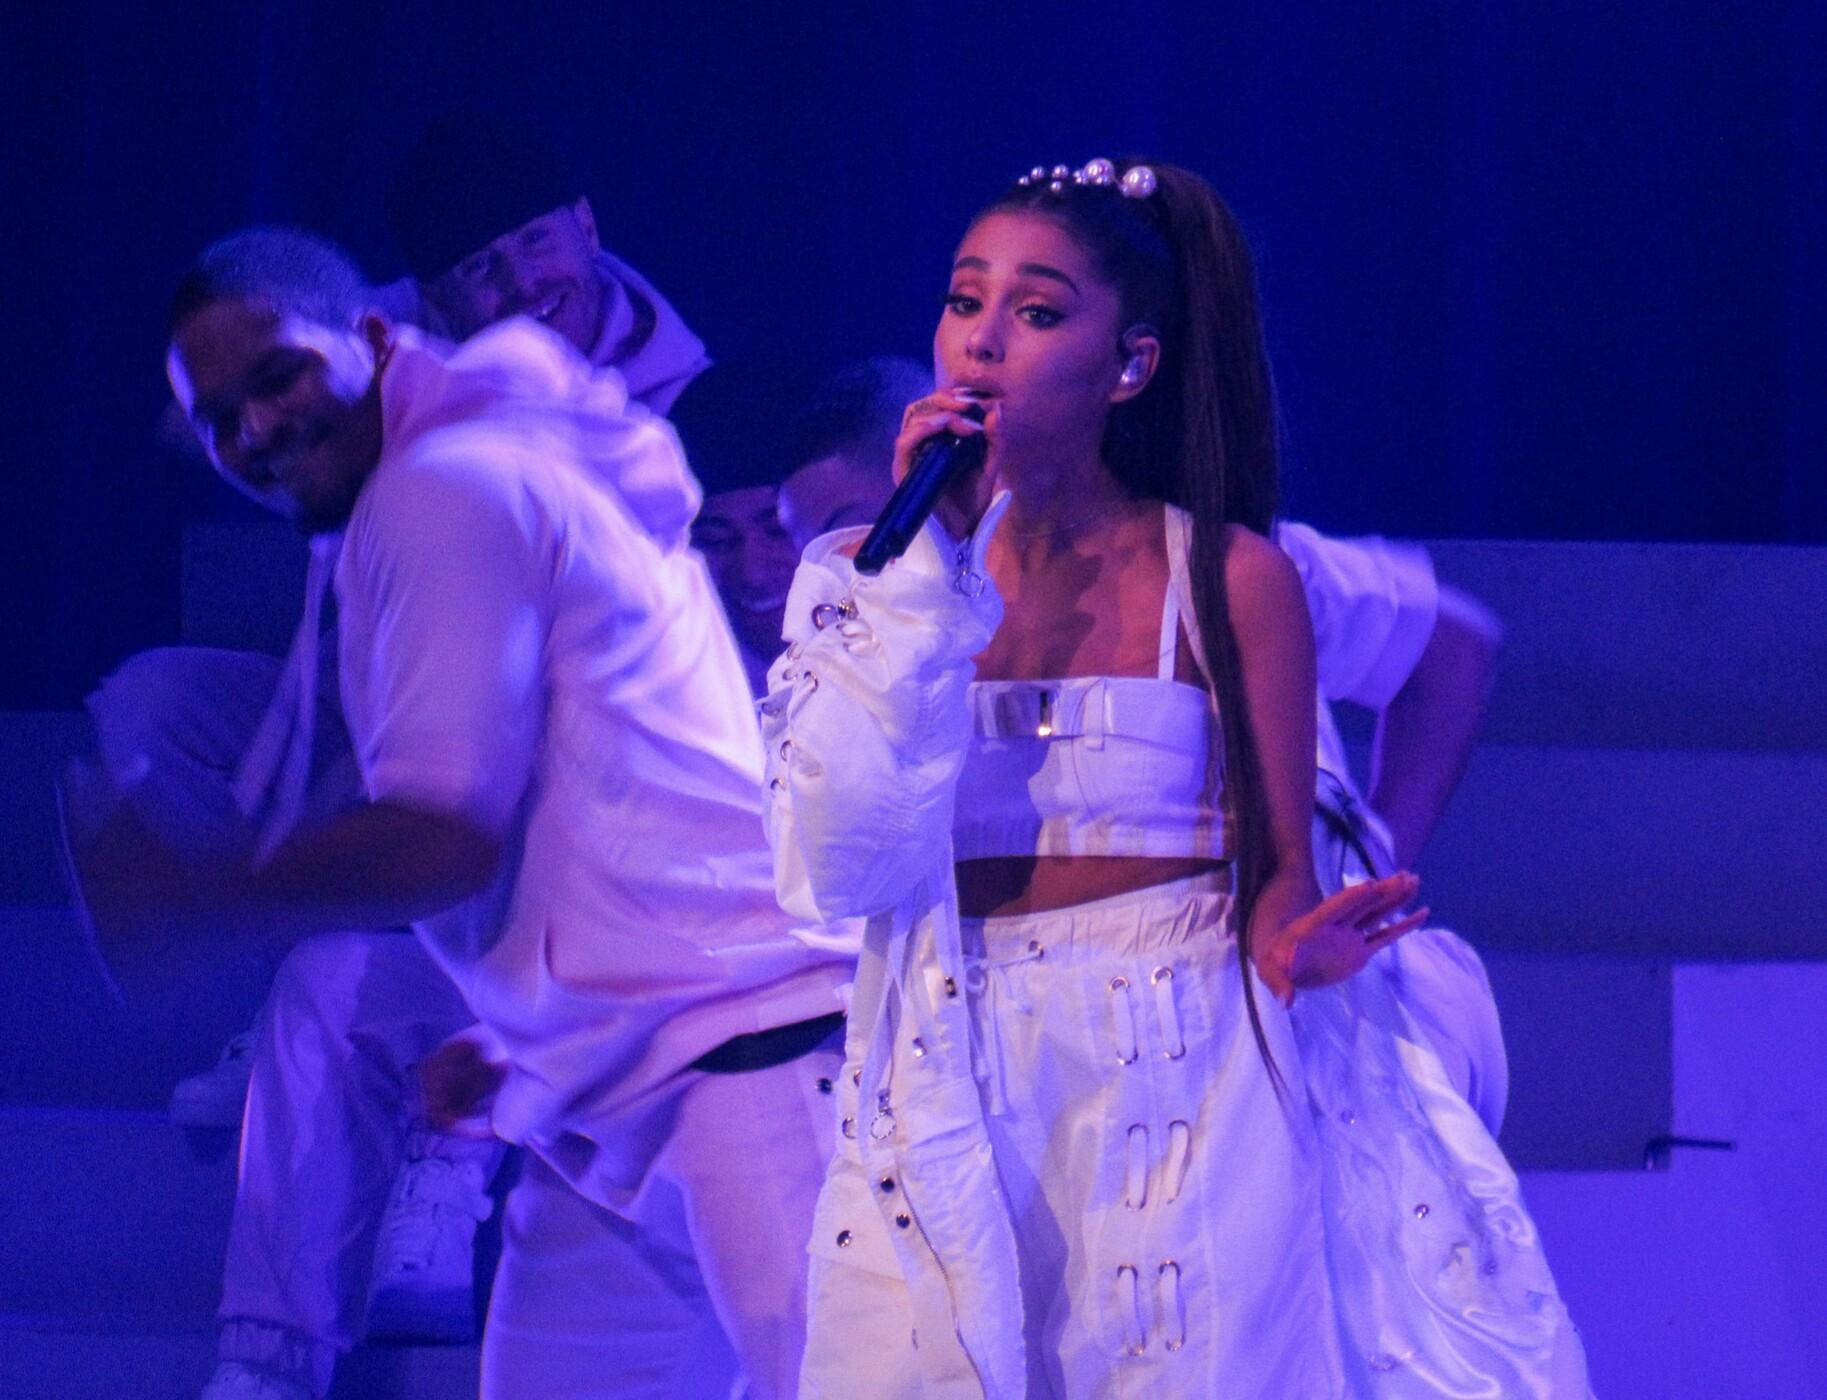 Tízezren igényeltek ingyenjegyet Ariana Grande manchesteri emlékkoncertjére úgy, hogy nem járna nekik